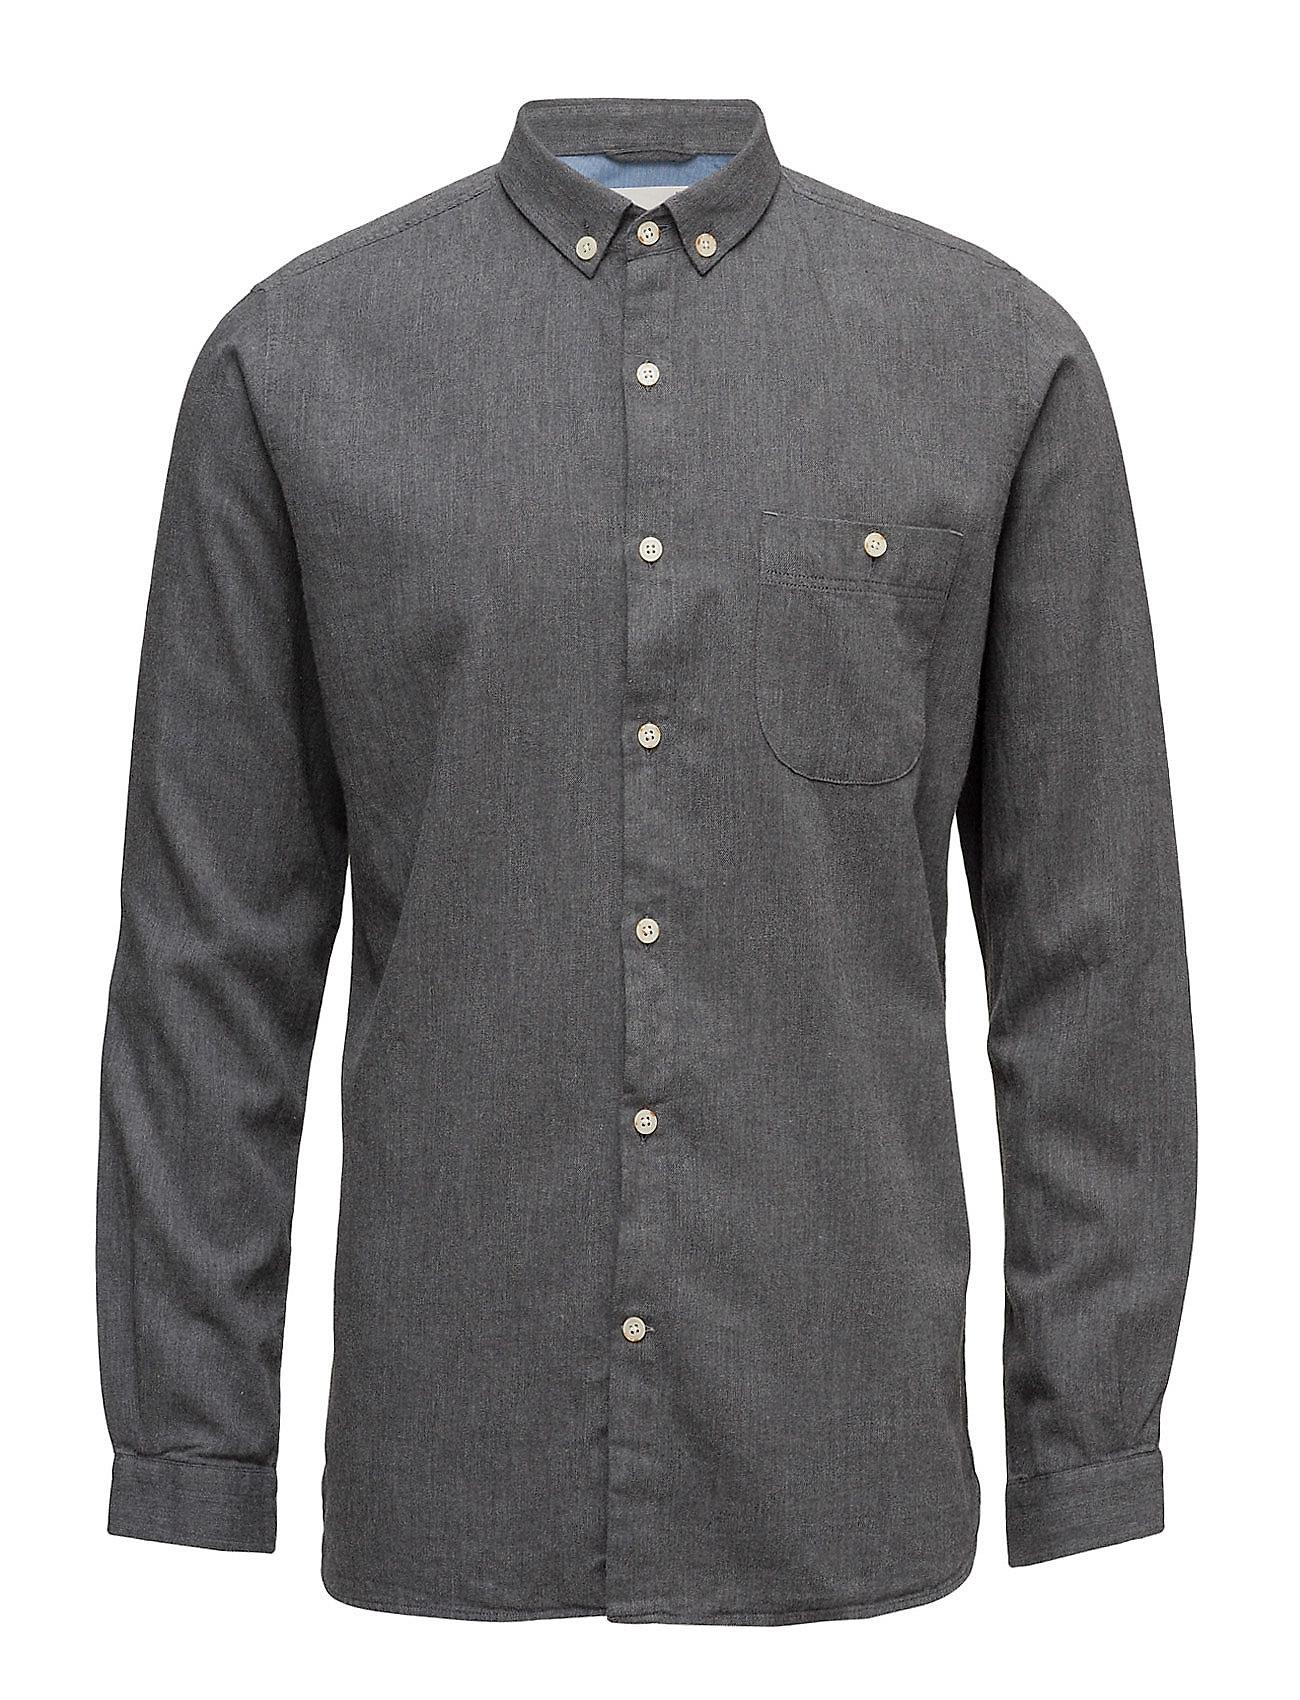 Solid Col. Flannel Shirt - Gots Knowledge Cotton Apparel Casual sko til Herrer i Mørk grå